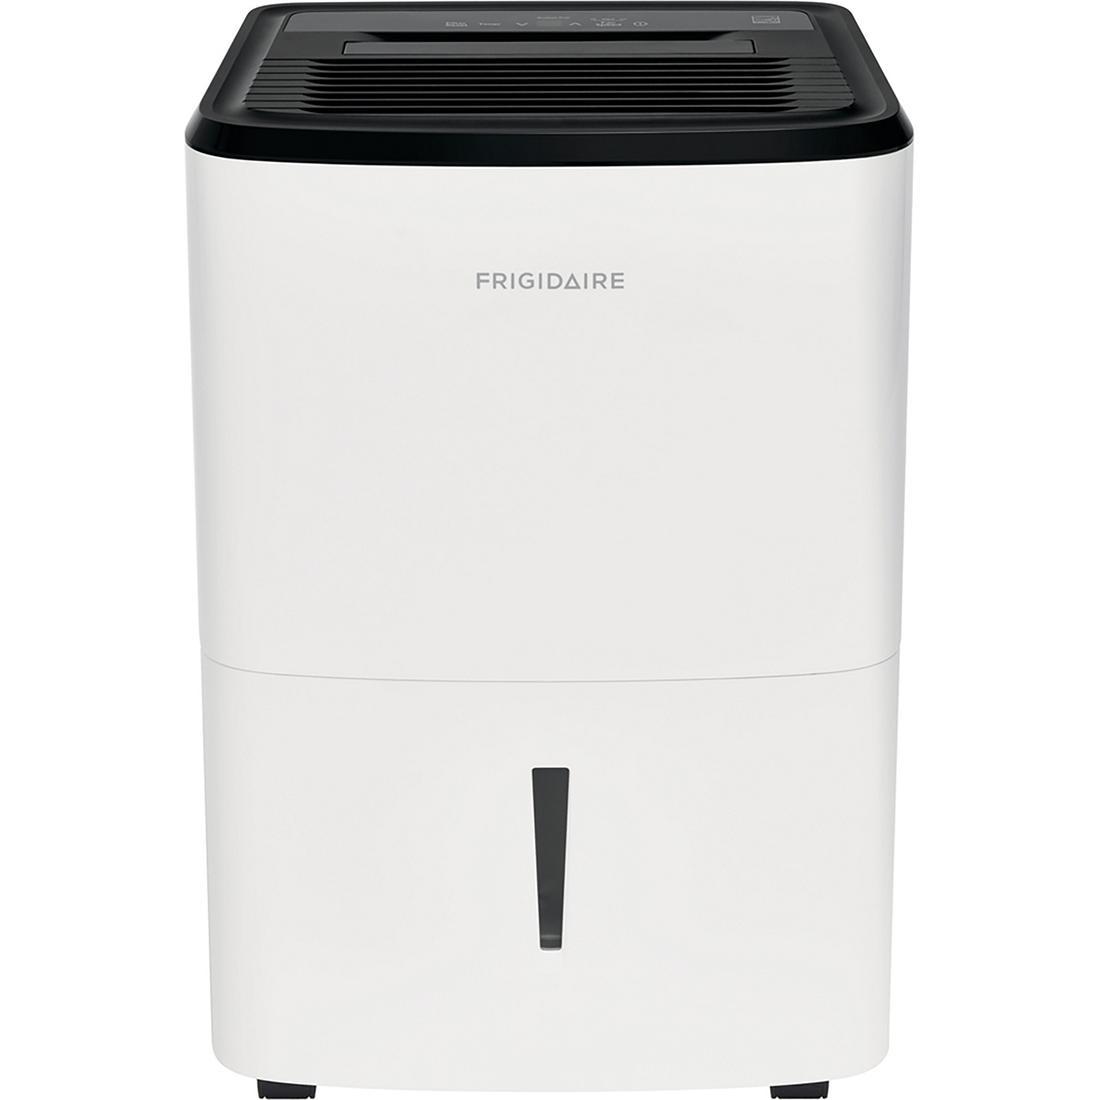 Frigidaire 50-Pint Energy Star Dehumidifier $179.99